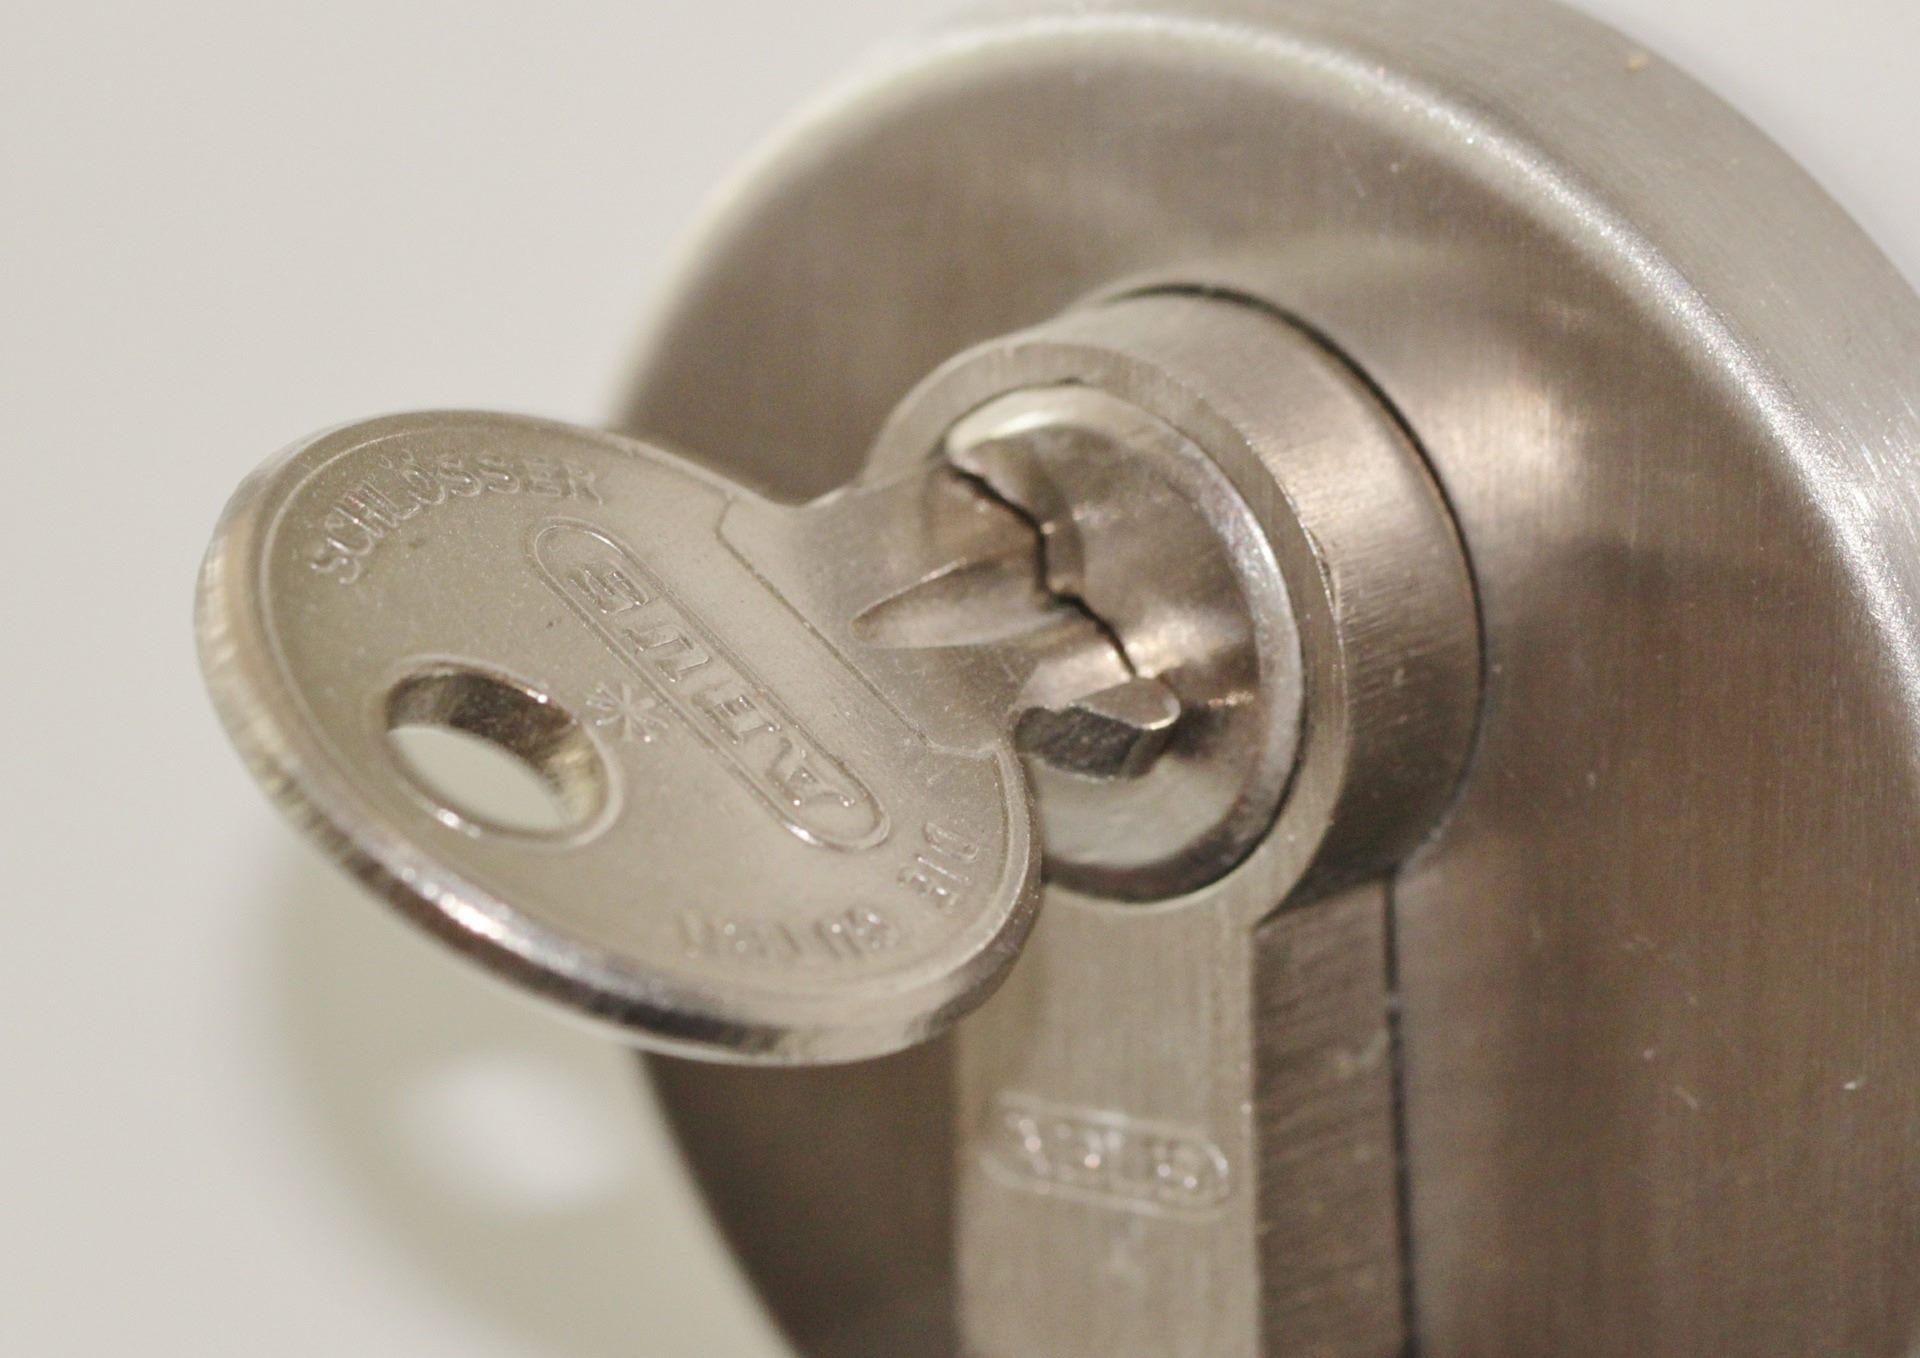 Is één slot voldoende beveiliging?